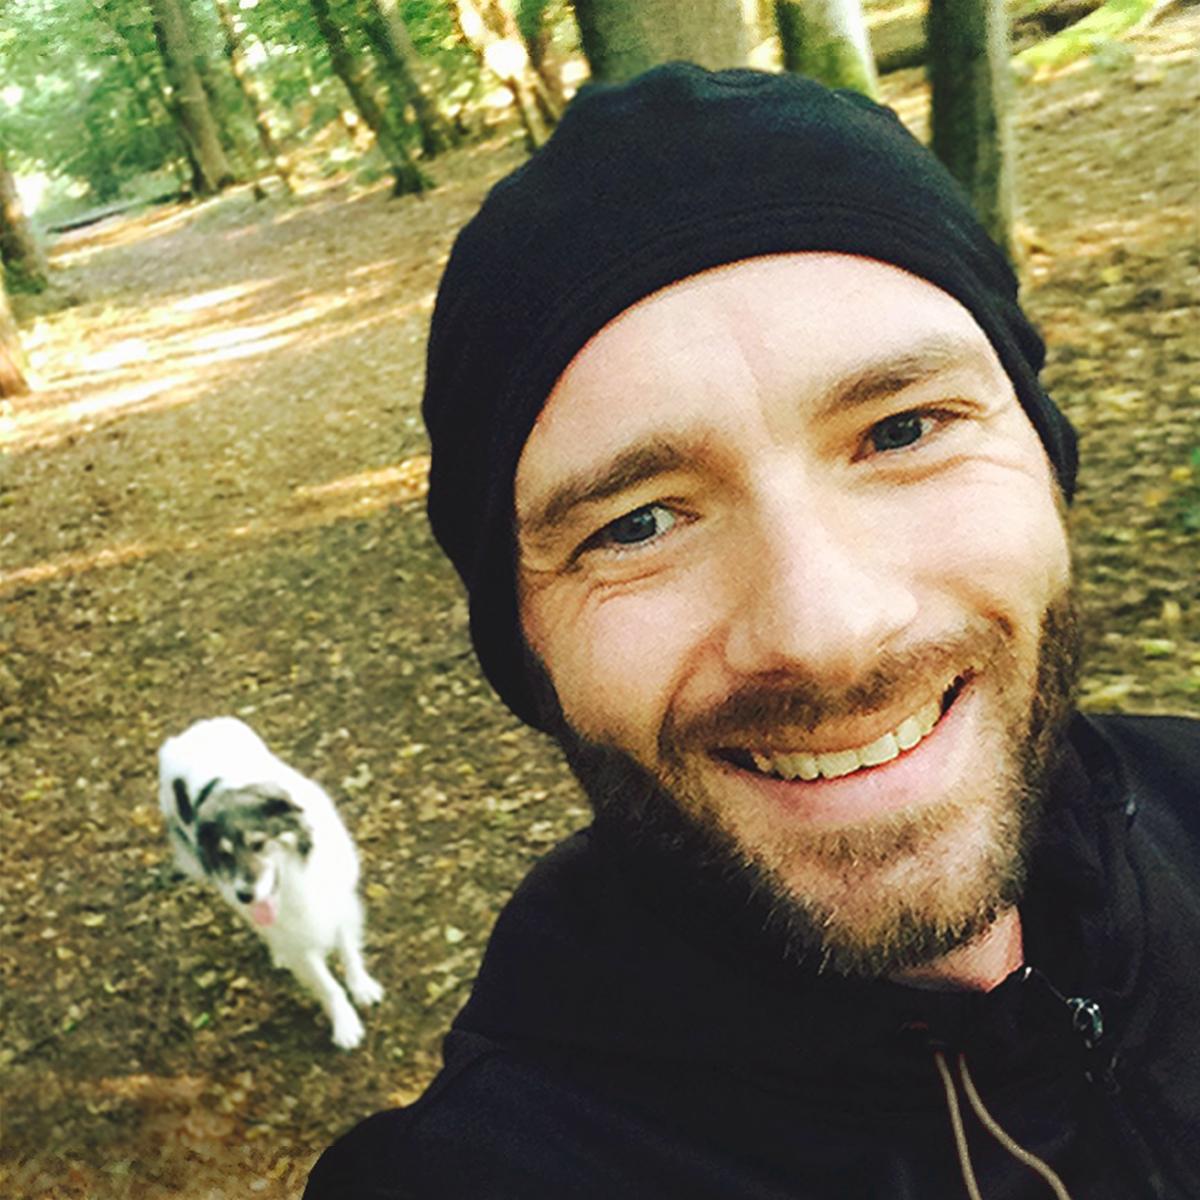 Christoph beim Laufen